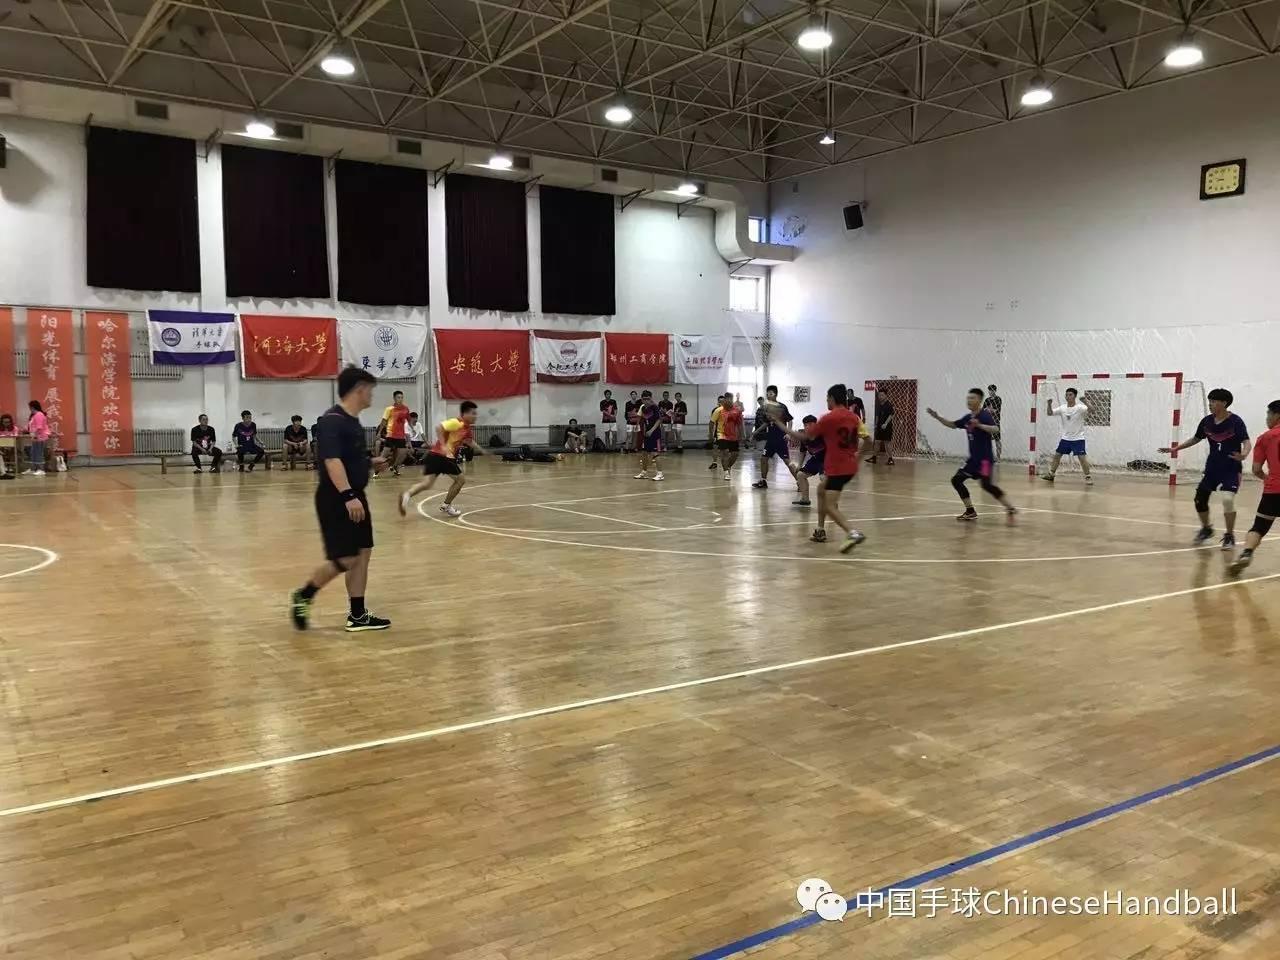 第三十一届手球大学生全国锦标赛今日在哈尔滨学院开幕商丘市游泳馆图片